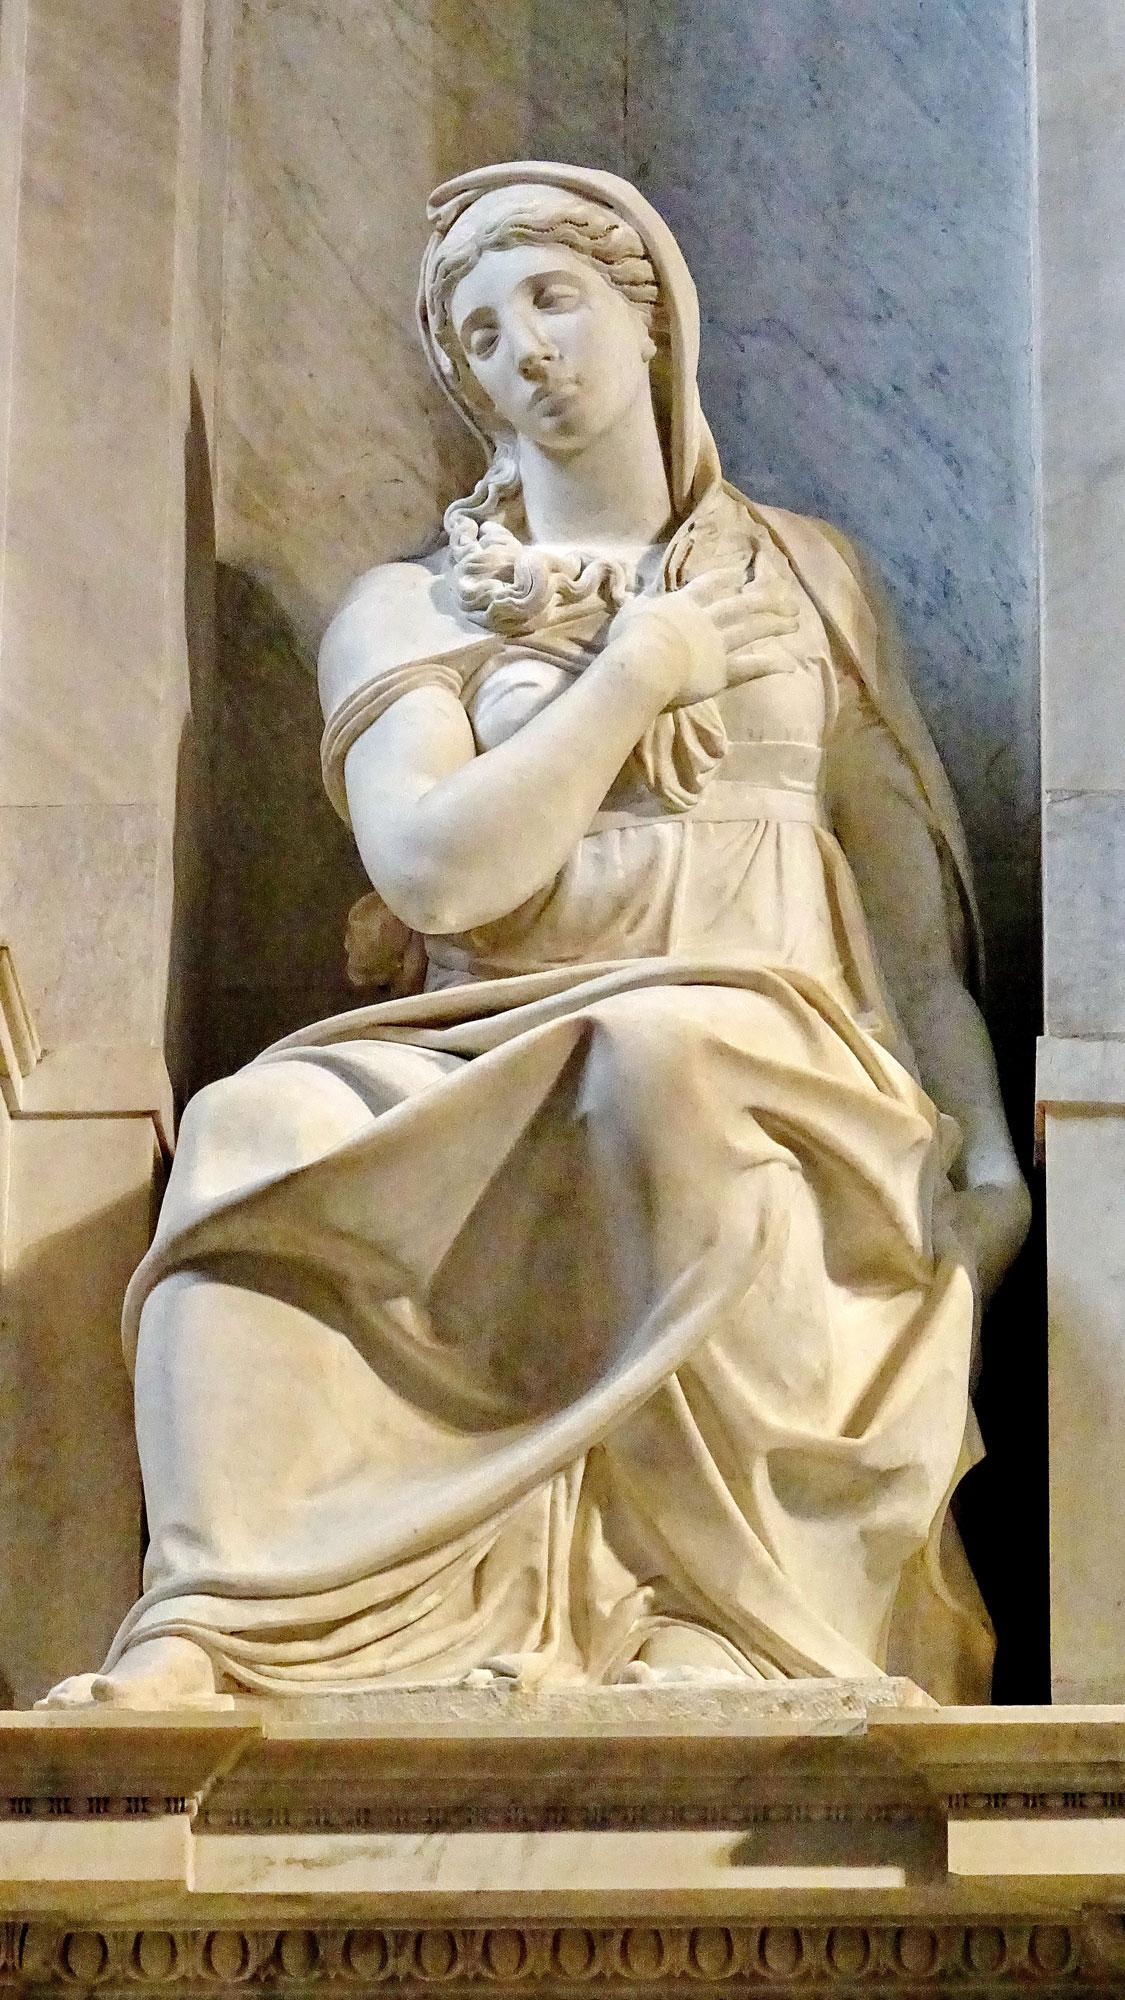 Raffaello da Montelupo, Sibilla (1537-1545; marmo; Roma, San Pietro in Vincoli). Ph. Credit Luciano Tronati